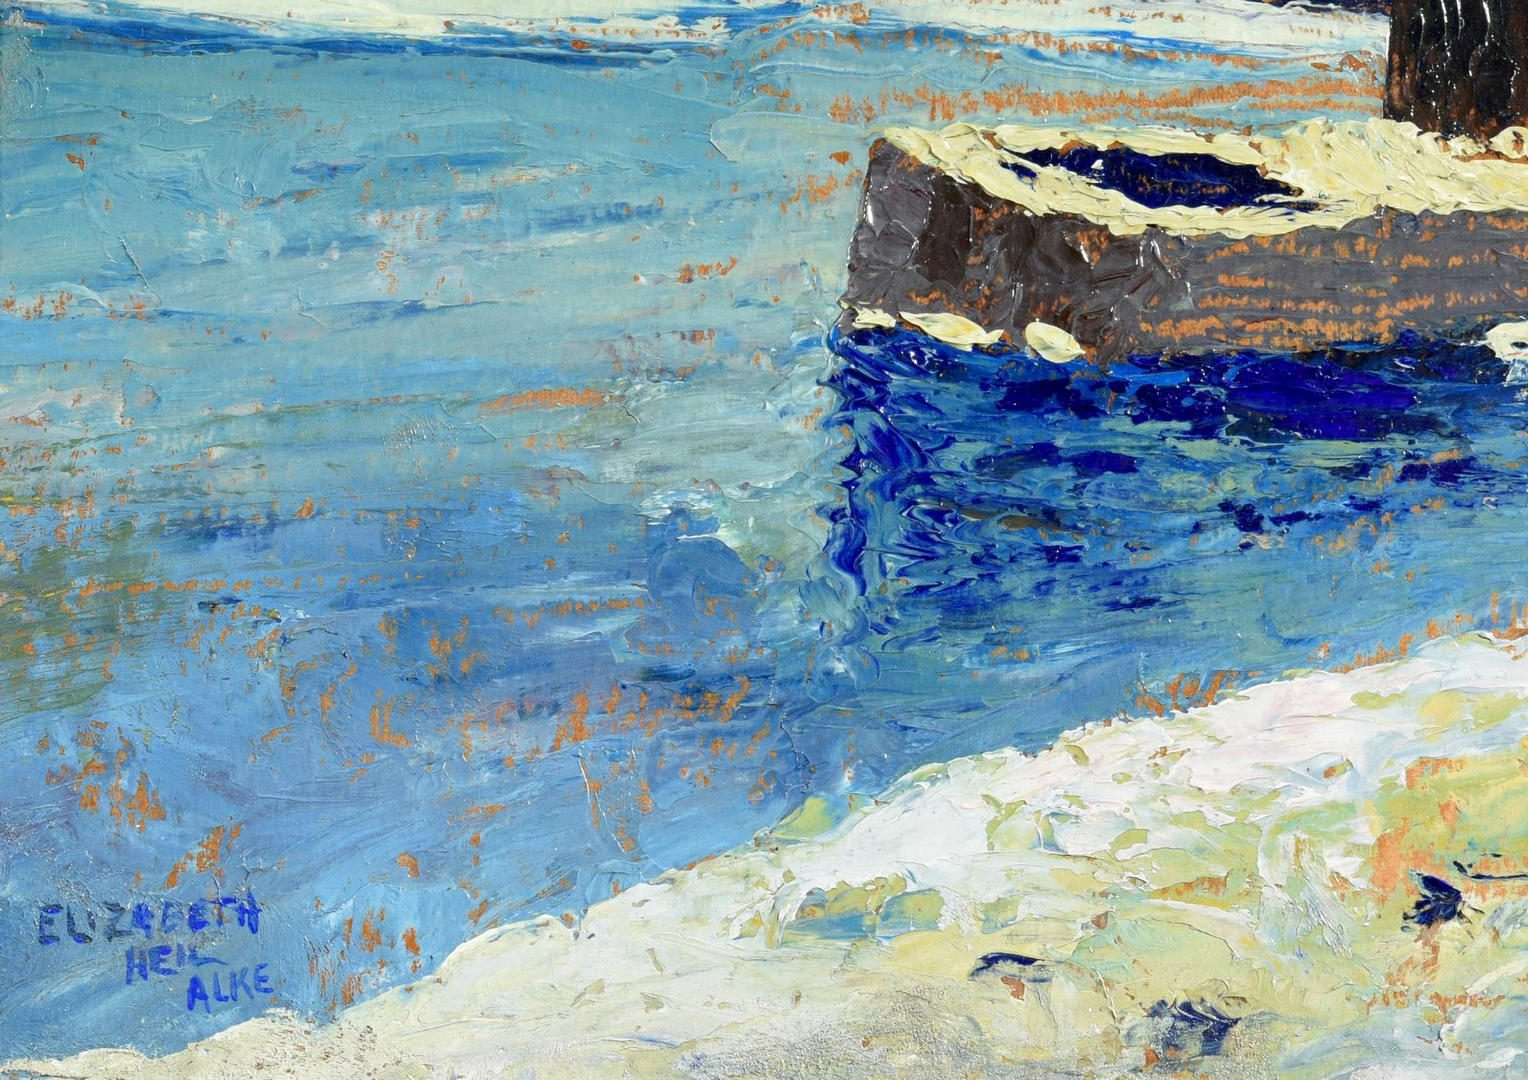 Lot 56: Elizabeth Alke Oil on Board Lake Scene